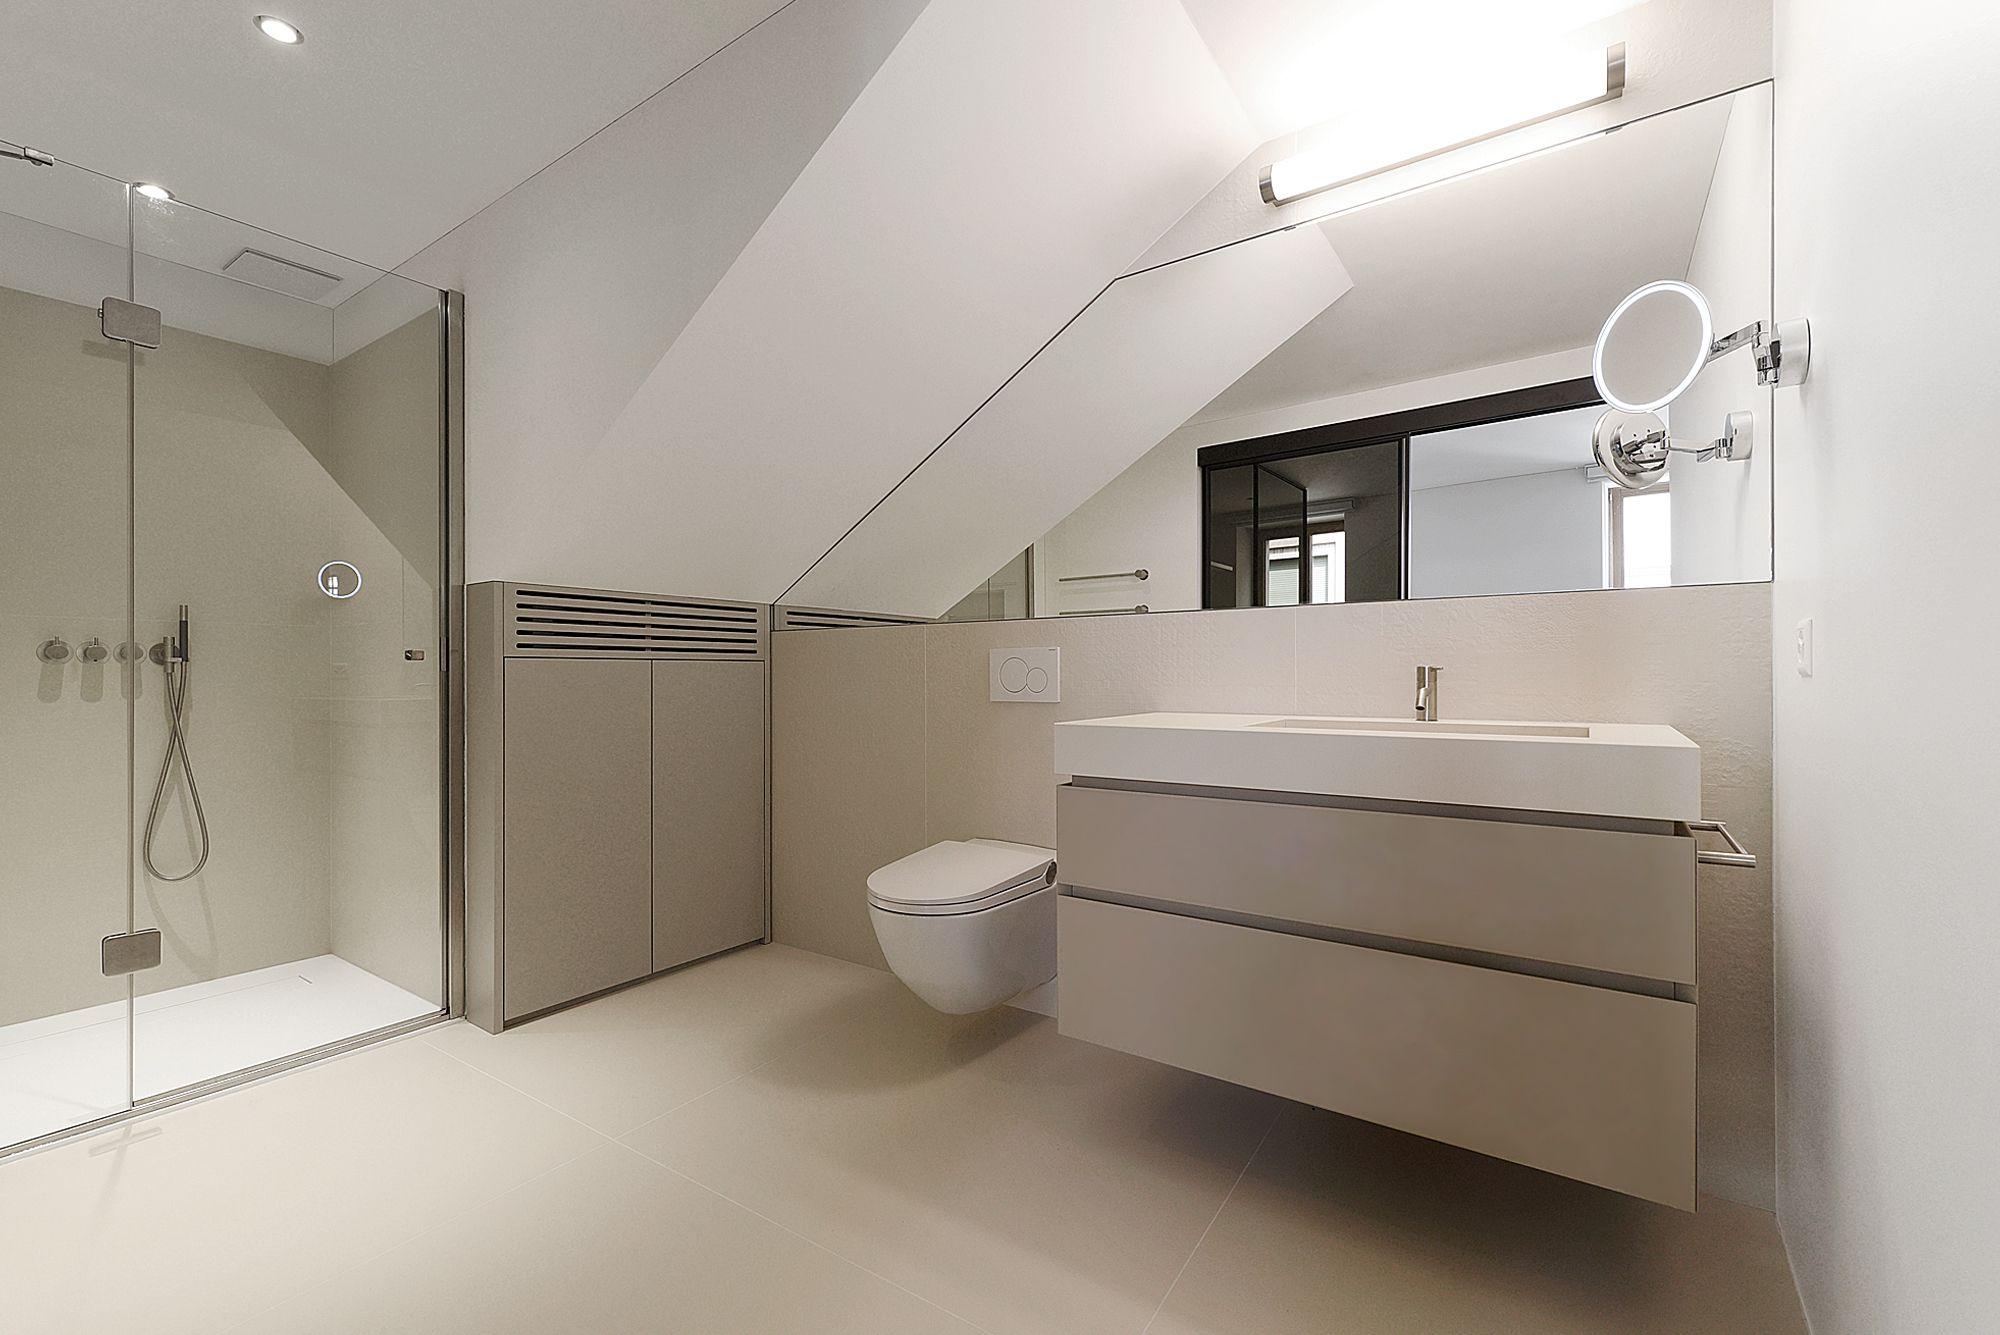 Mobili Bagno Design, Mobile Bagno, Arredo Bagno, arredo bagno ...